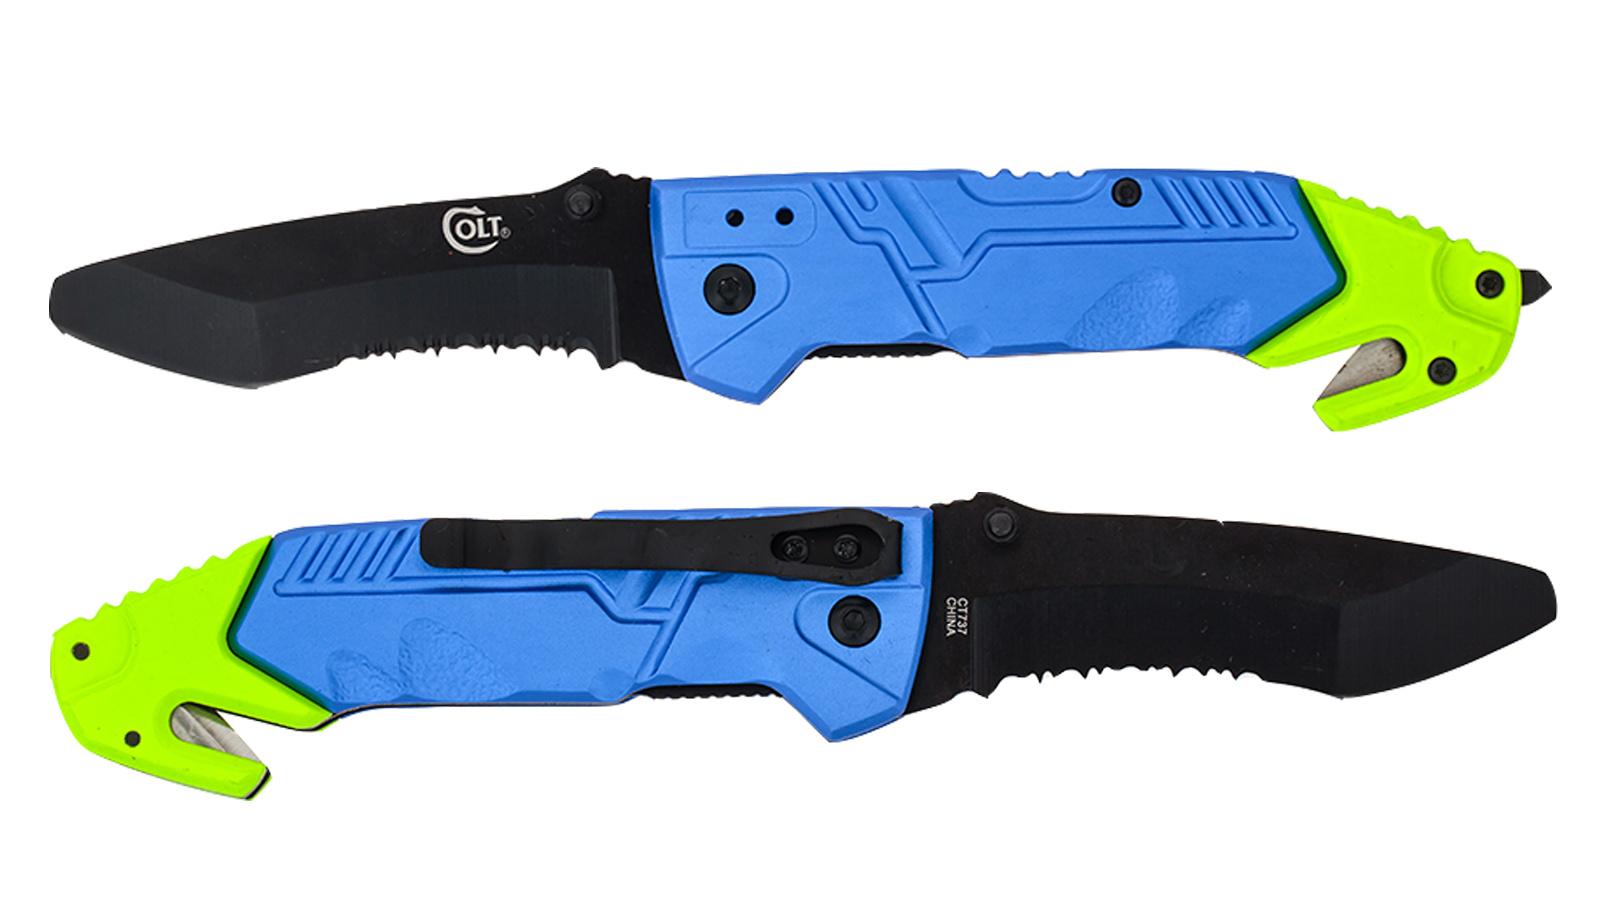 Аварийный складной нож со стеклобоем Colt Rescue Linerlock CT737 (США) - купить оптом